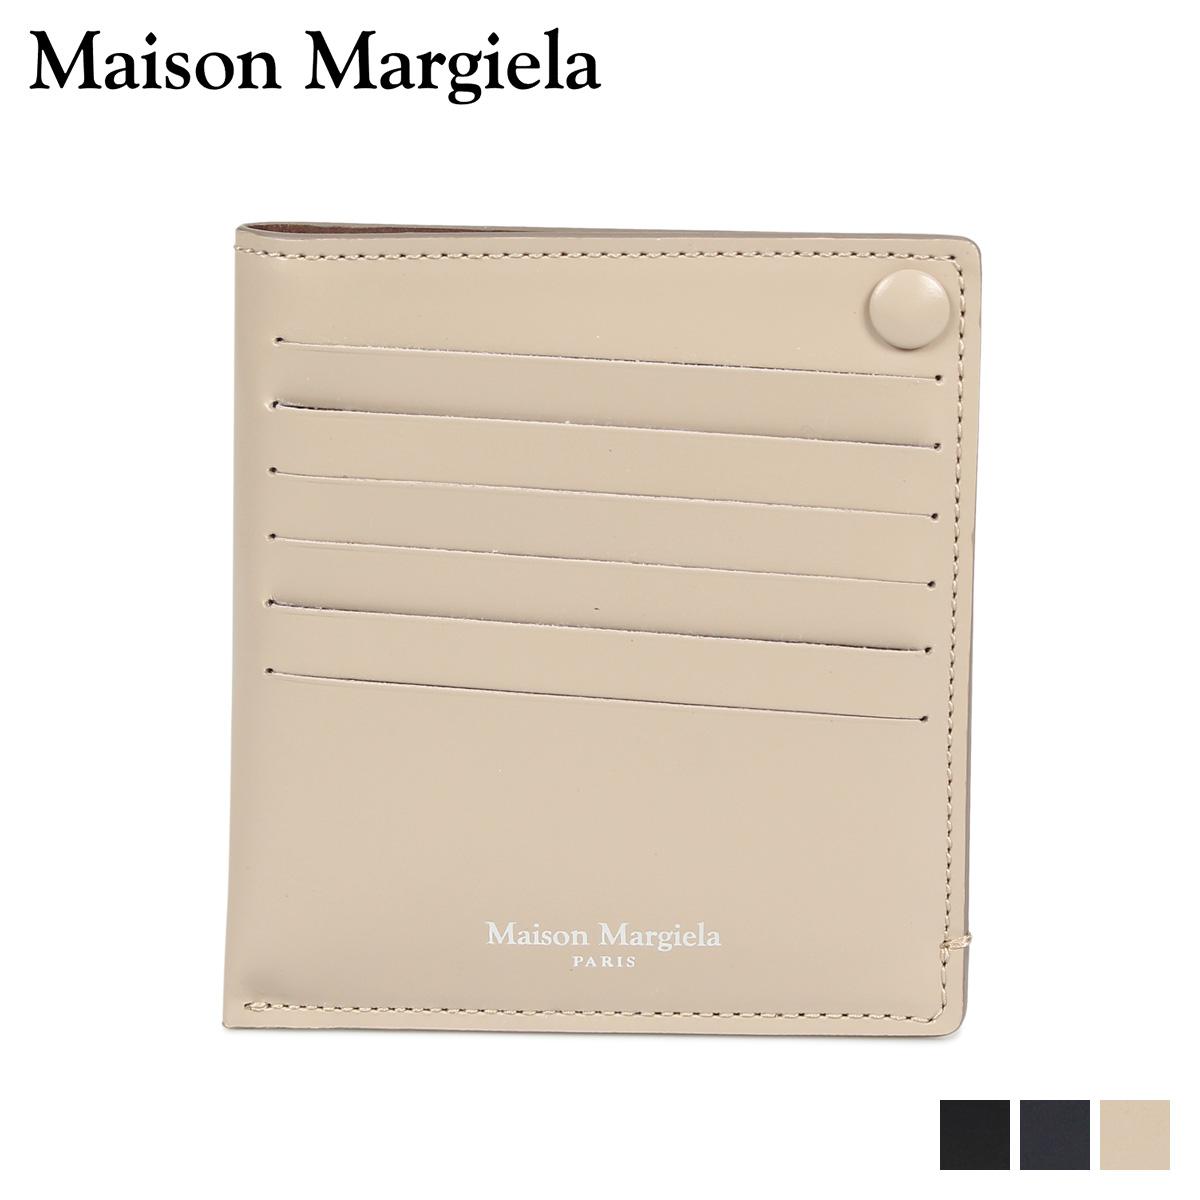 MAISON MARGIELA CARD CASE メゾンマルジェラ カードケース 名刺入れ 定期入れ メンズ レディース レザー ブラック ダーク ネイビー ベージュ 黒 S55UI0201 P2714